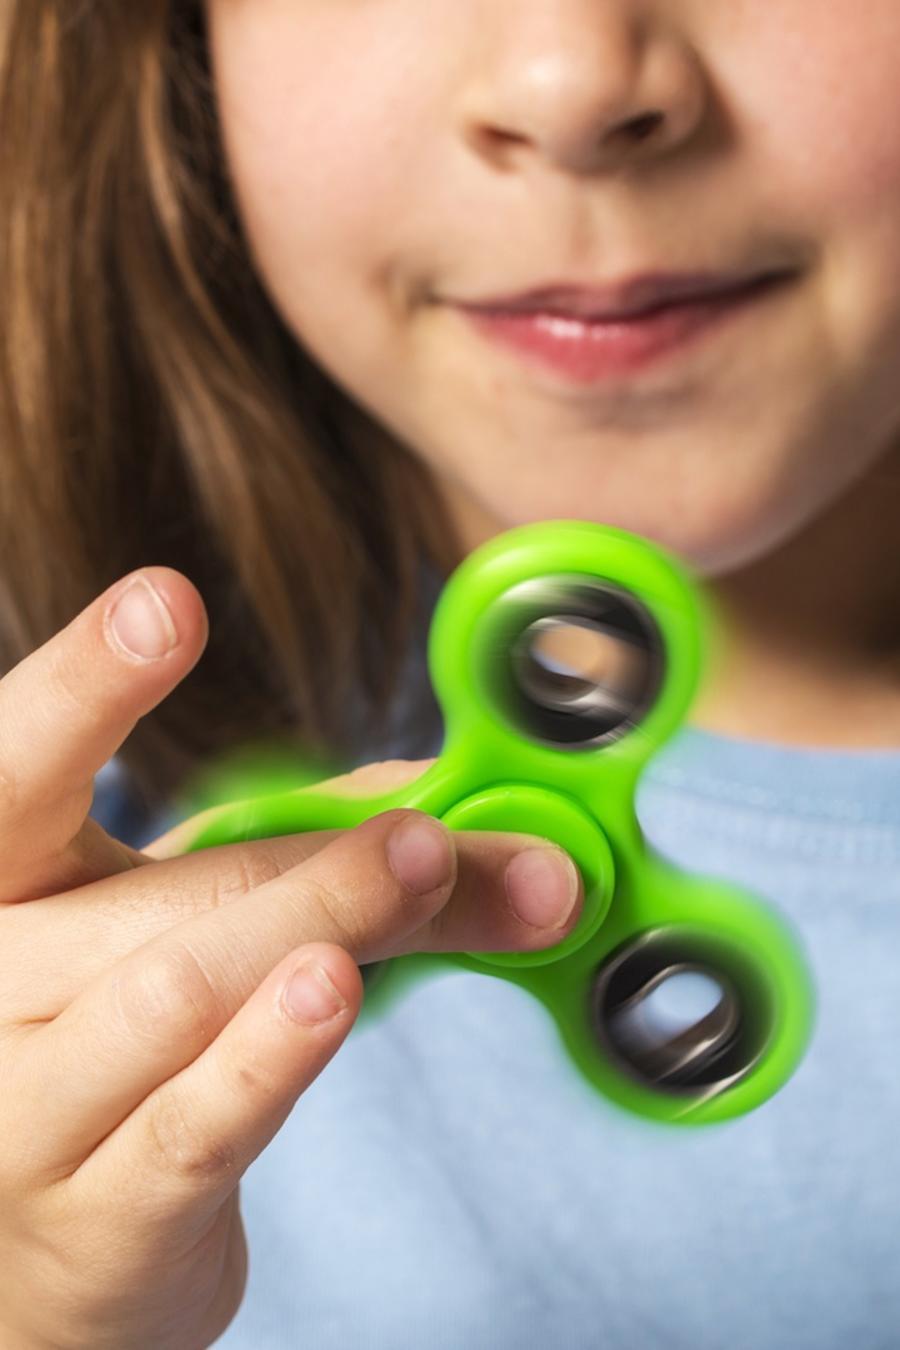 Niña pequeña usando fidget spinner